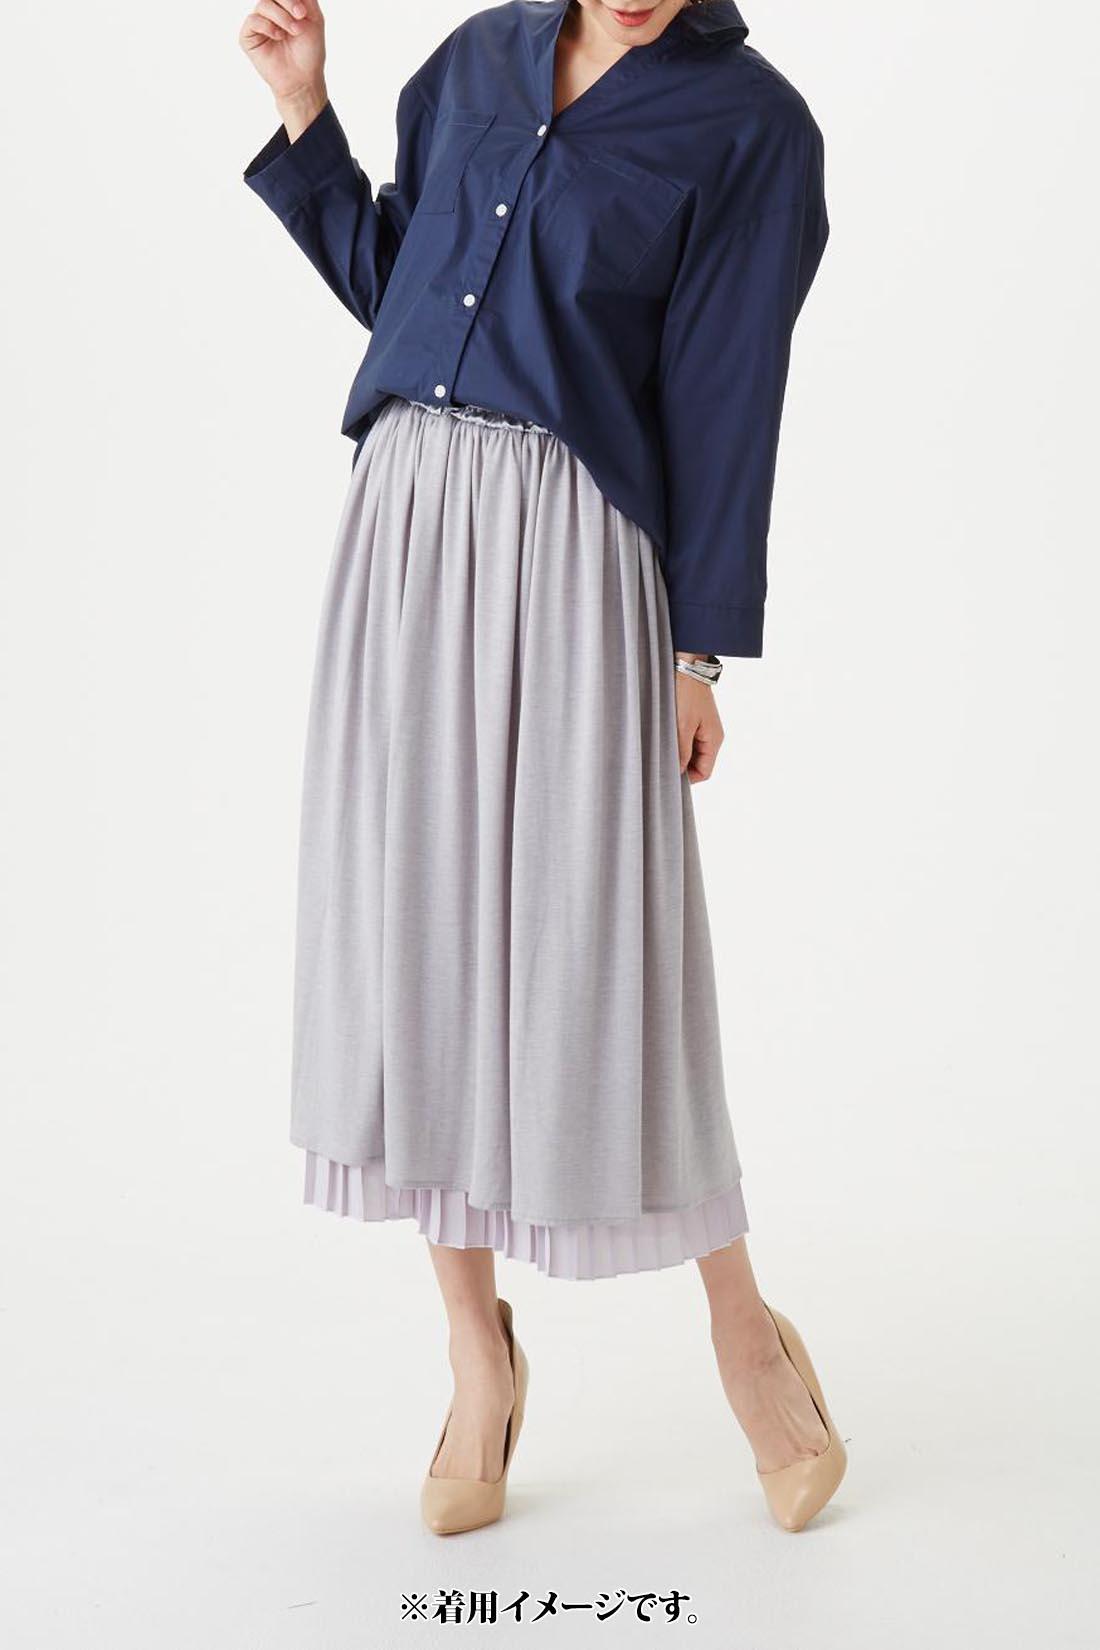 モデル身長:165cm 着用サイズ:M 袖を伸ばした時の長さの参考にされてください。